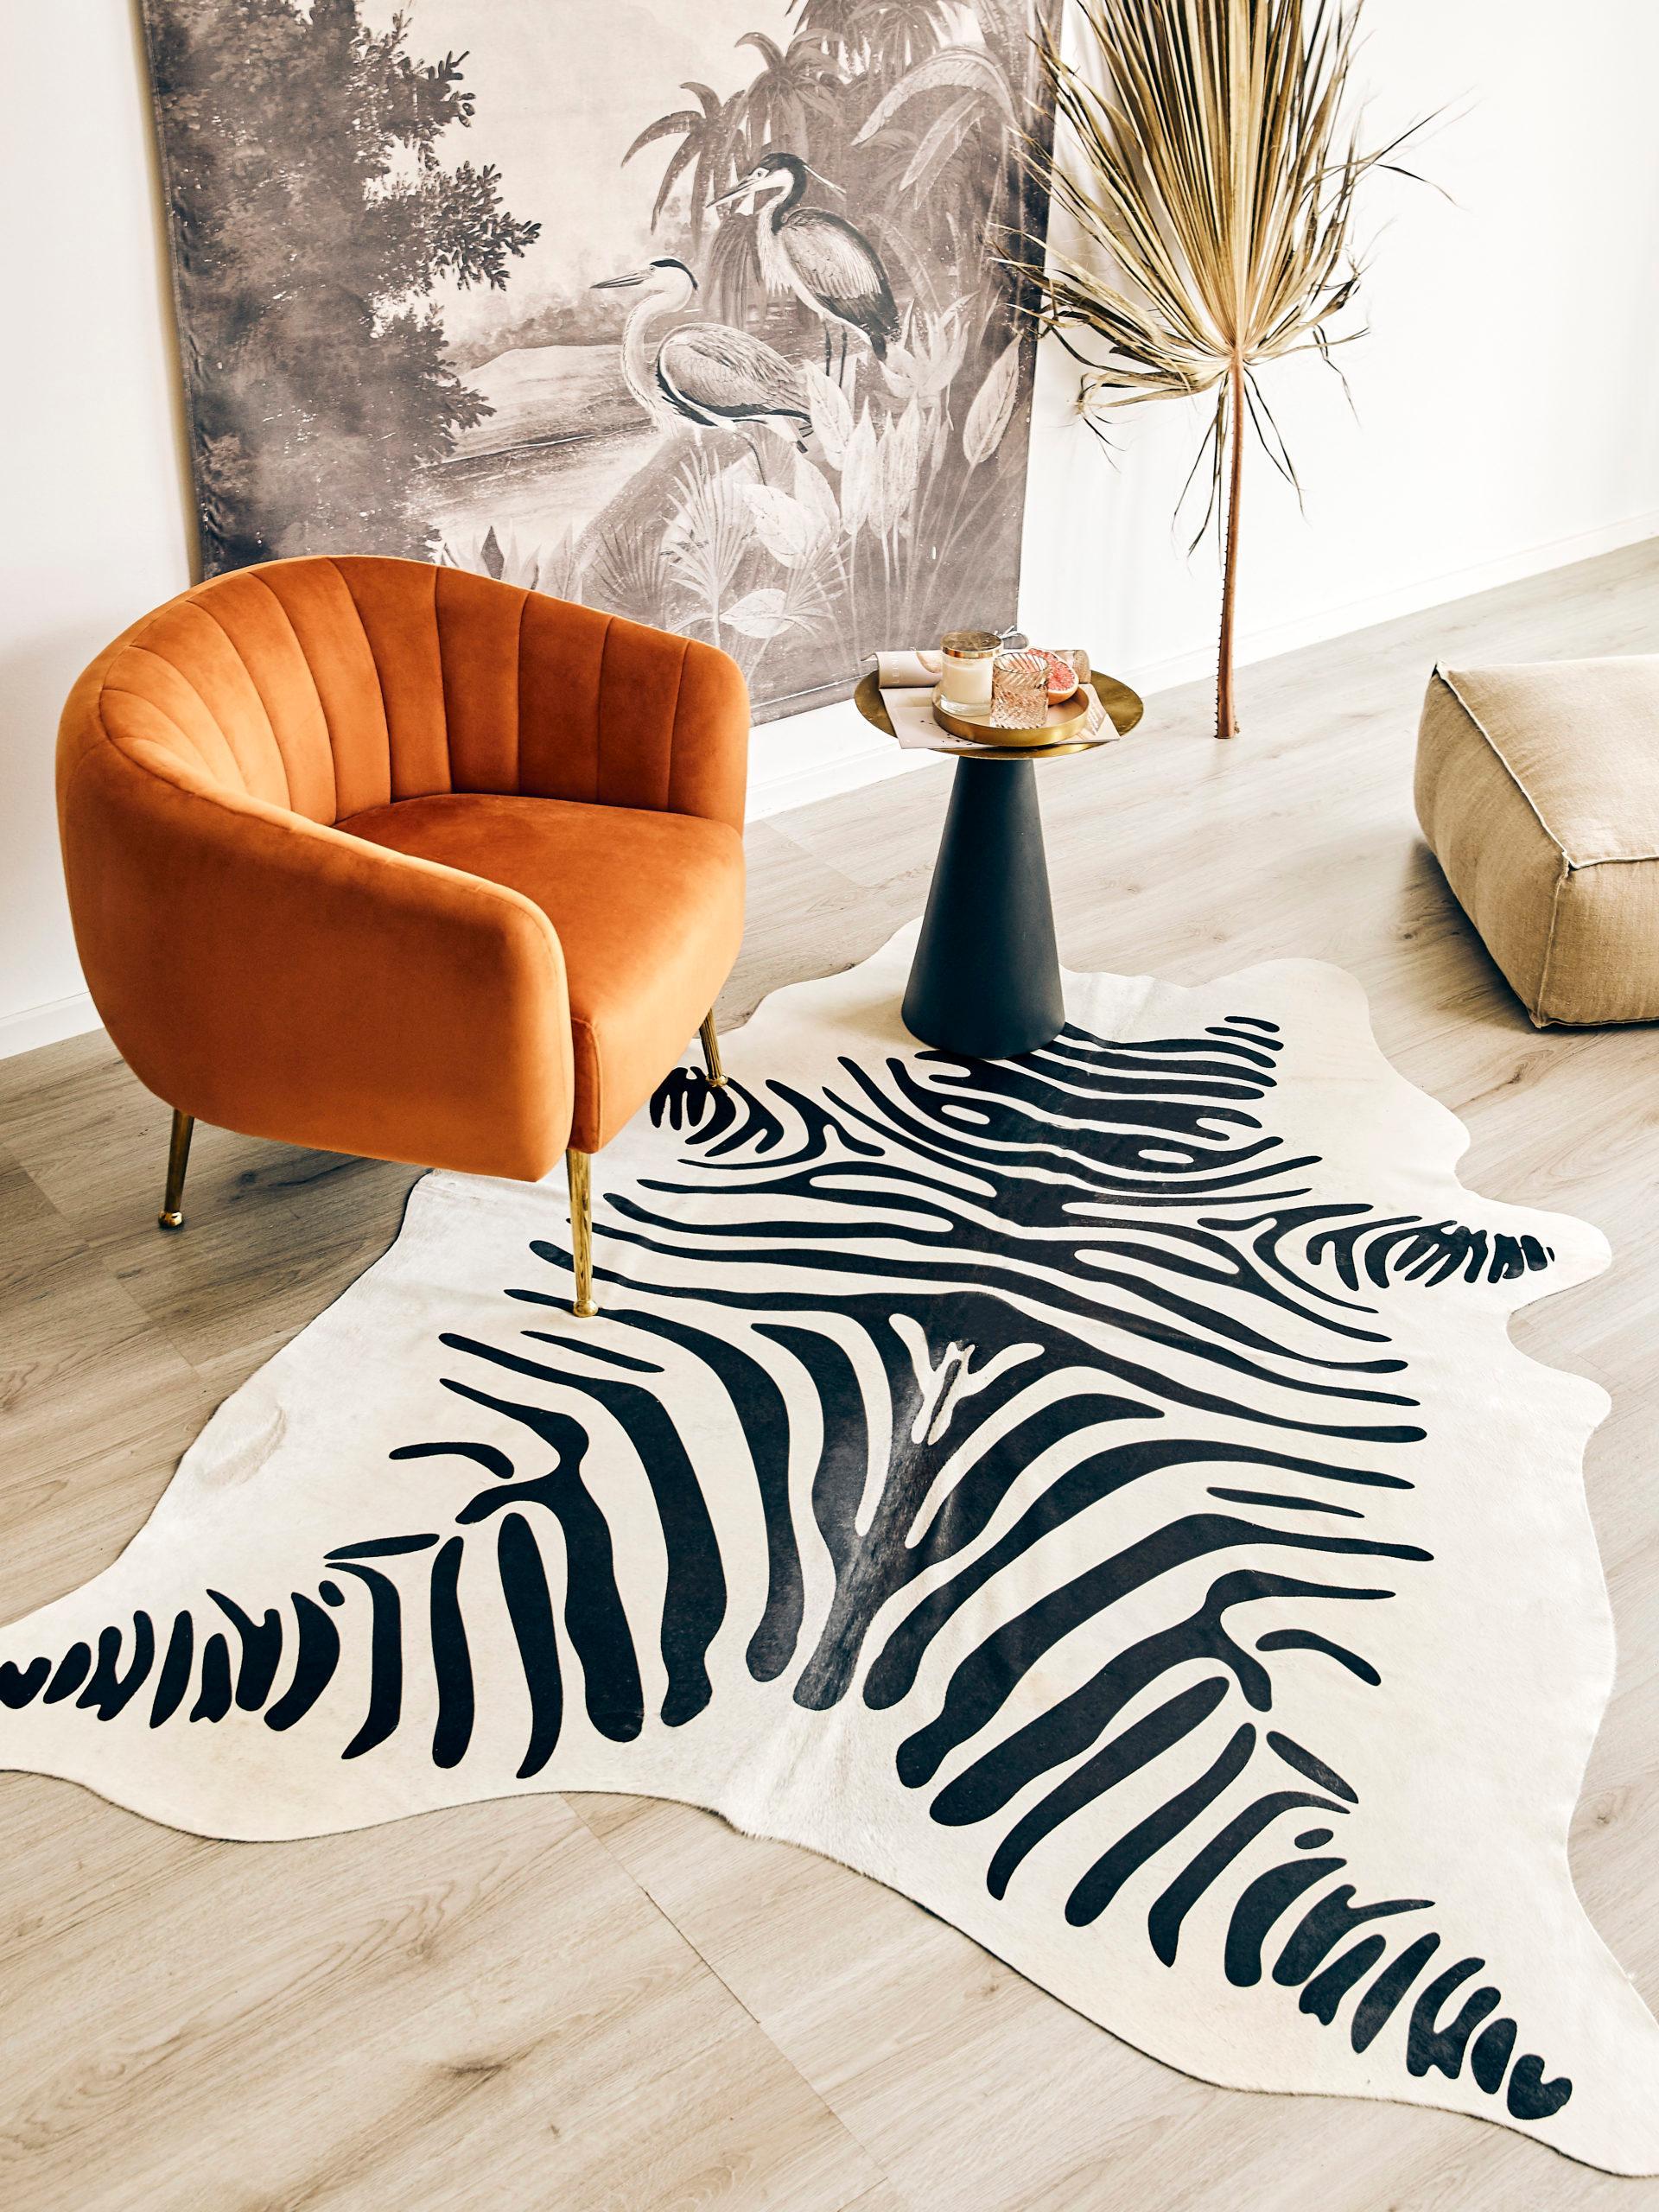 Dywan w zebrę, pomarańczowy fotel oraz fototapeta